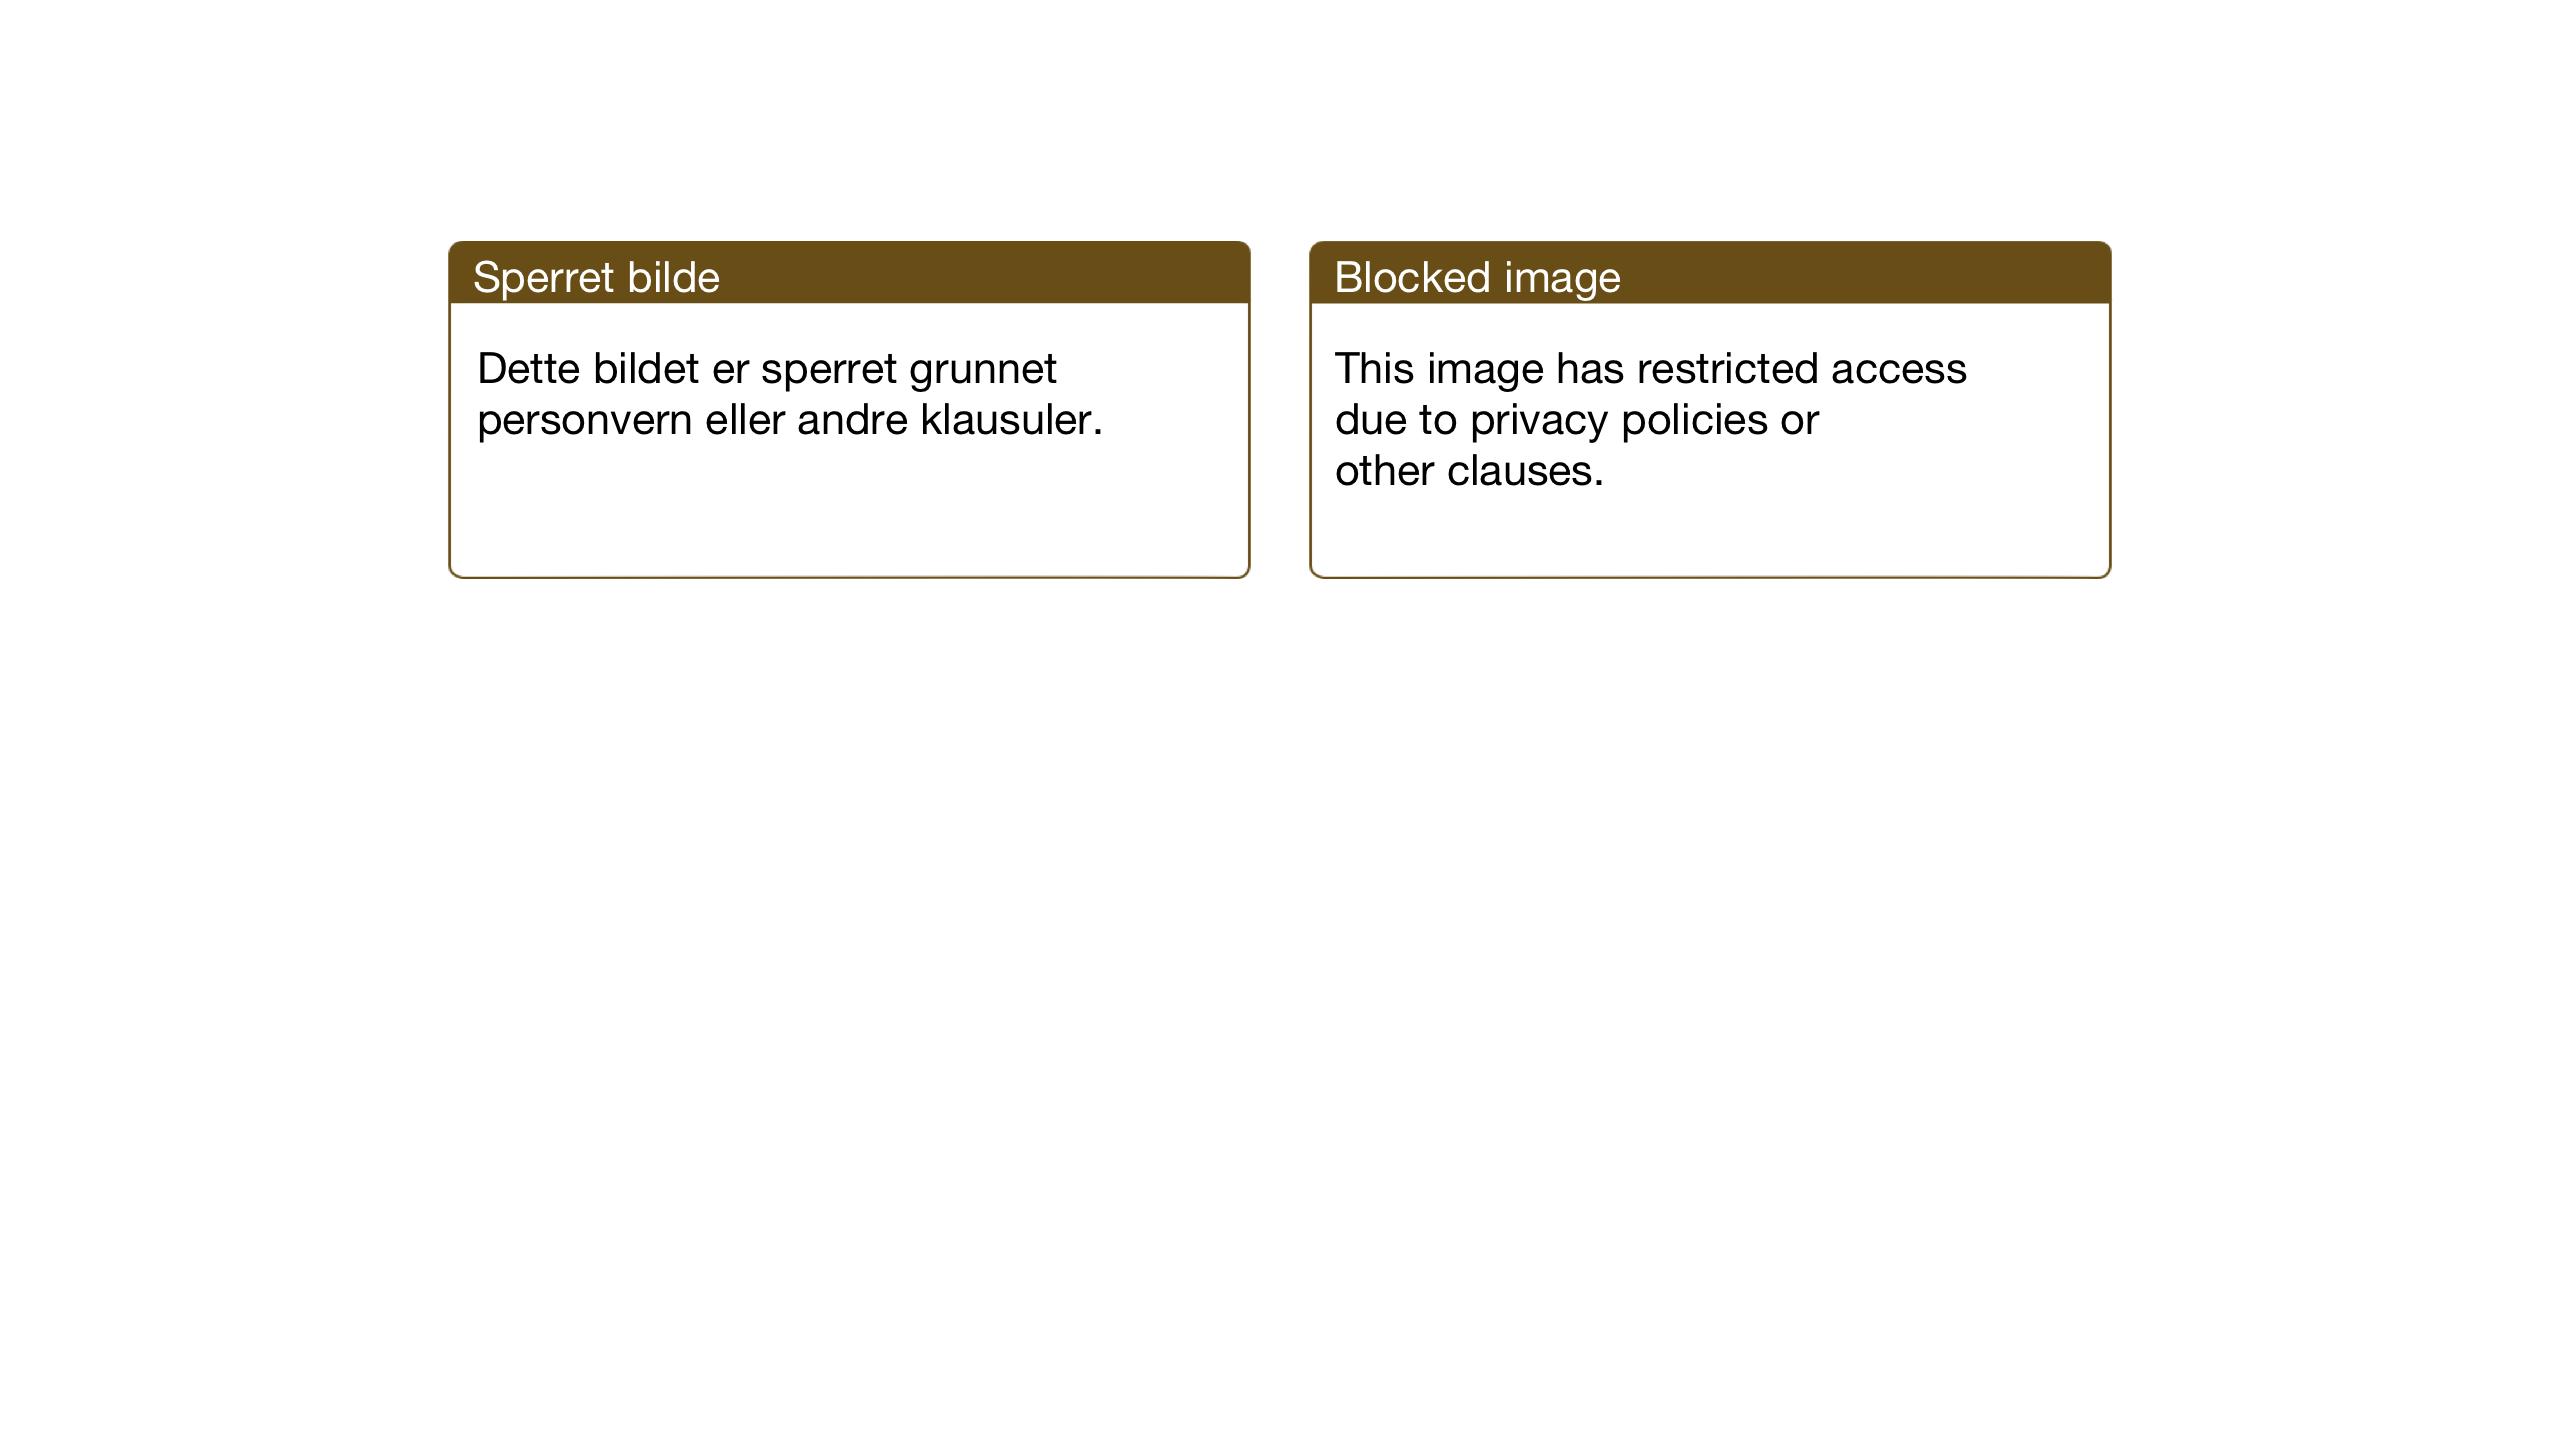 SAT, Ministerialprotokoller, klokkerbøker og fødselsregistre - Sør-Trøndelag, 637/L0564: Klokkerbok nr. 637C05, 1928-1968, s. 137